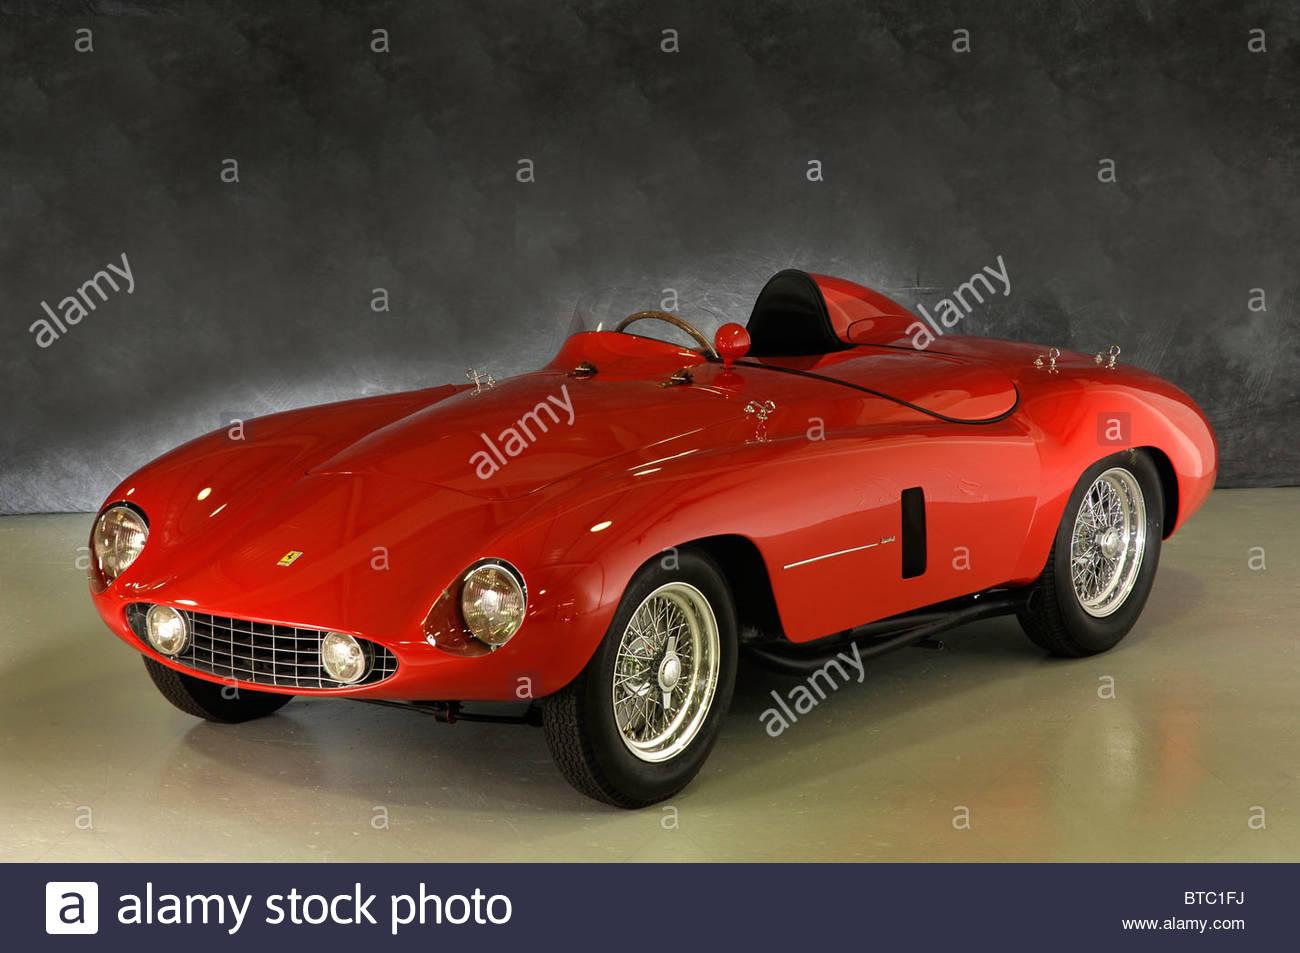 Ferrari 750 Monza 1955 Stockbild